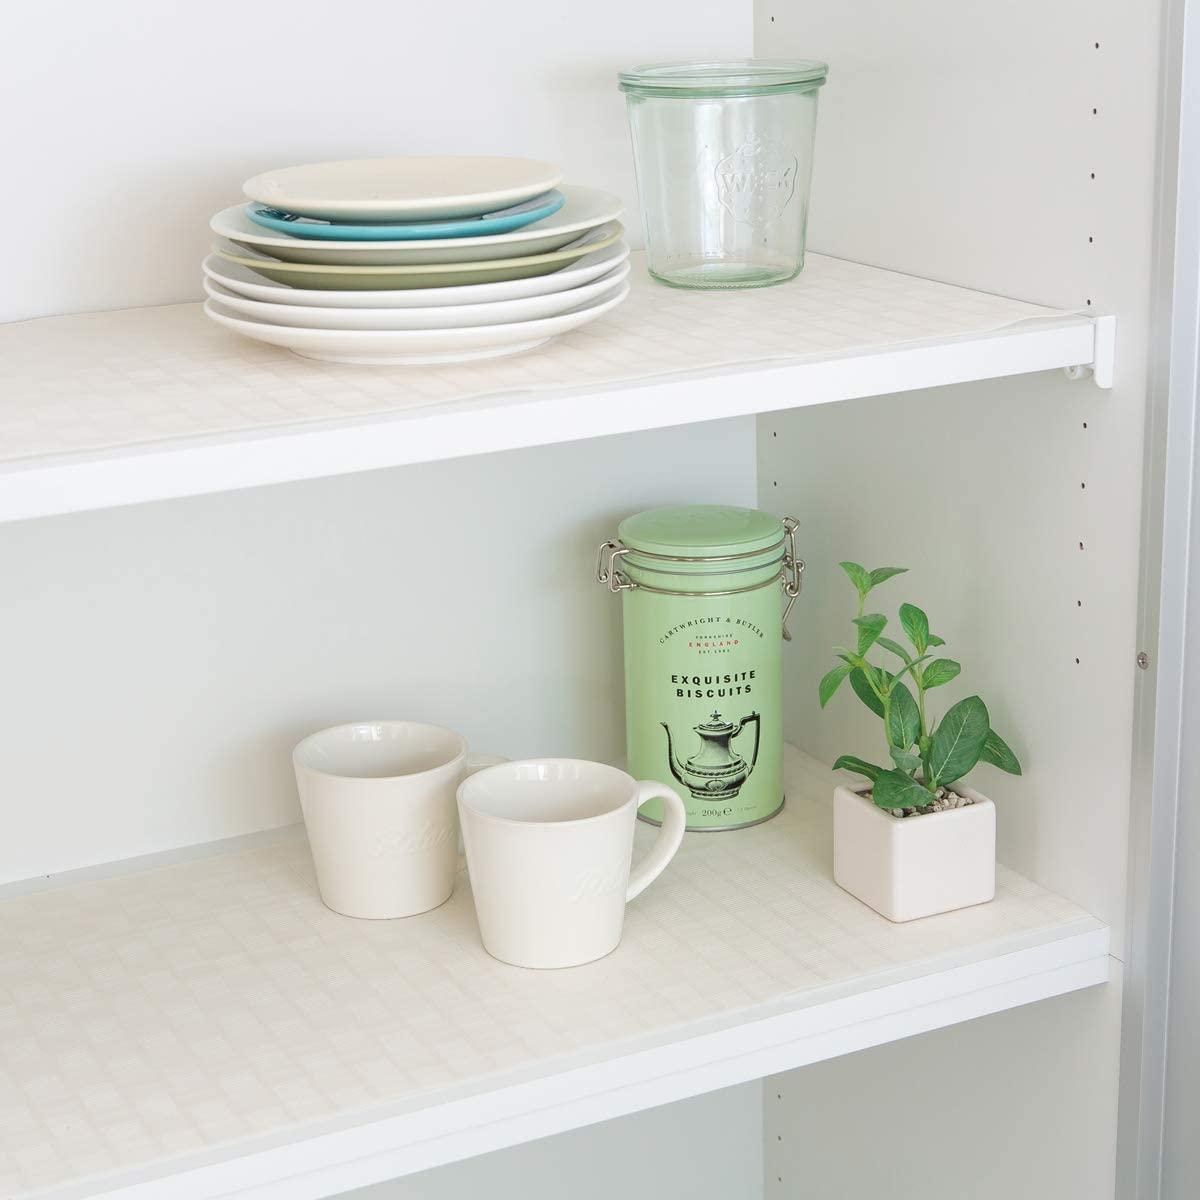 東和産業(TOWA) 食器棚シートの商品画像4